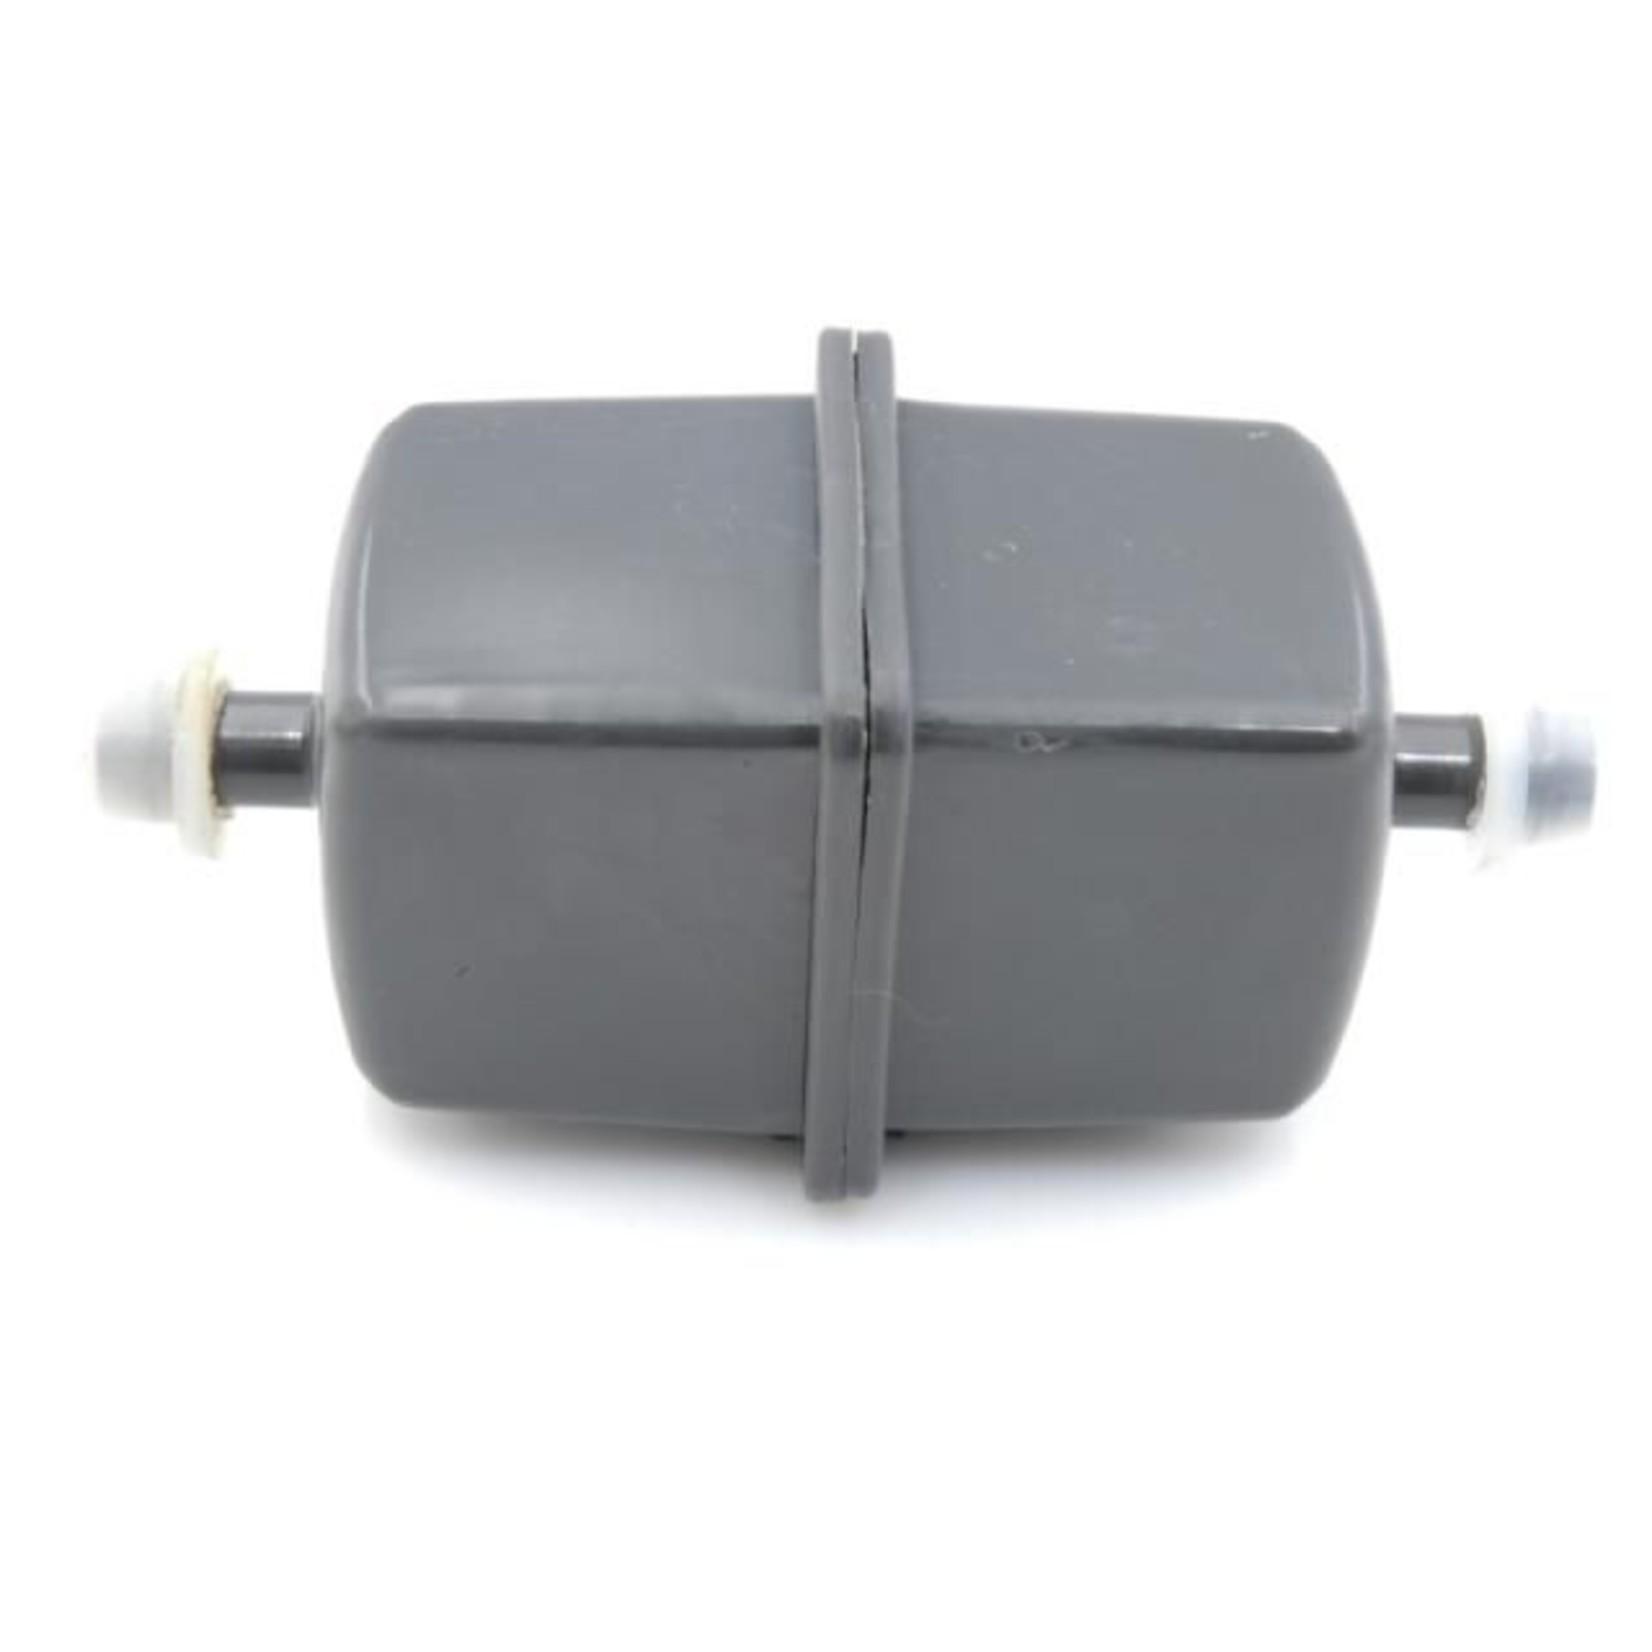 Benzinefilter Nr Org: DX173202A